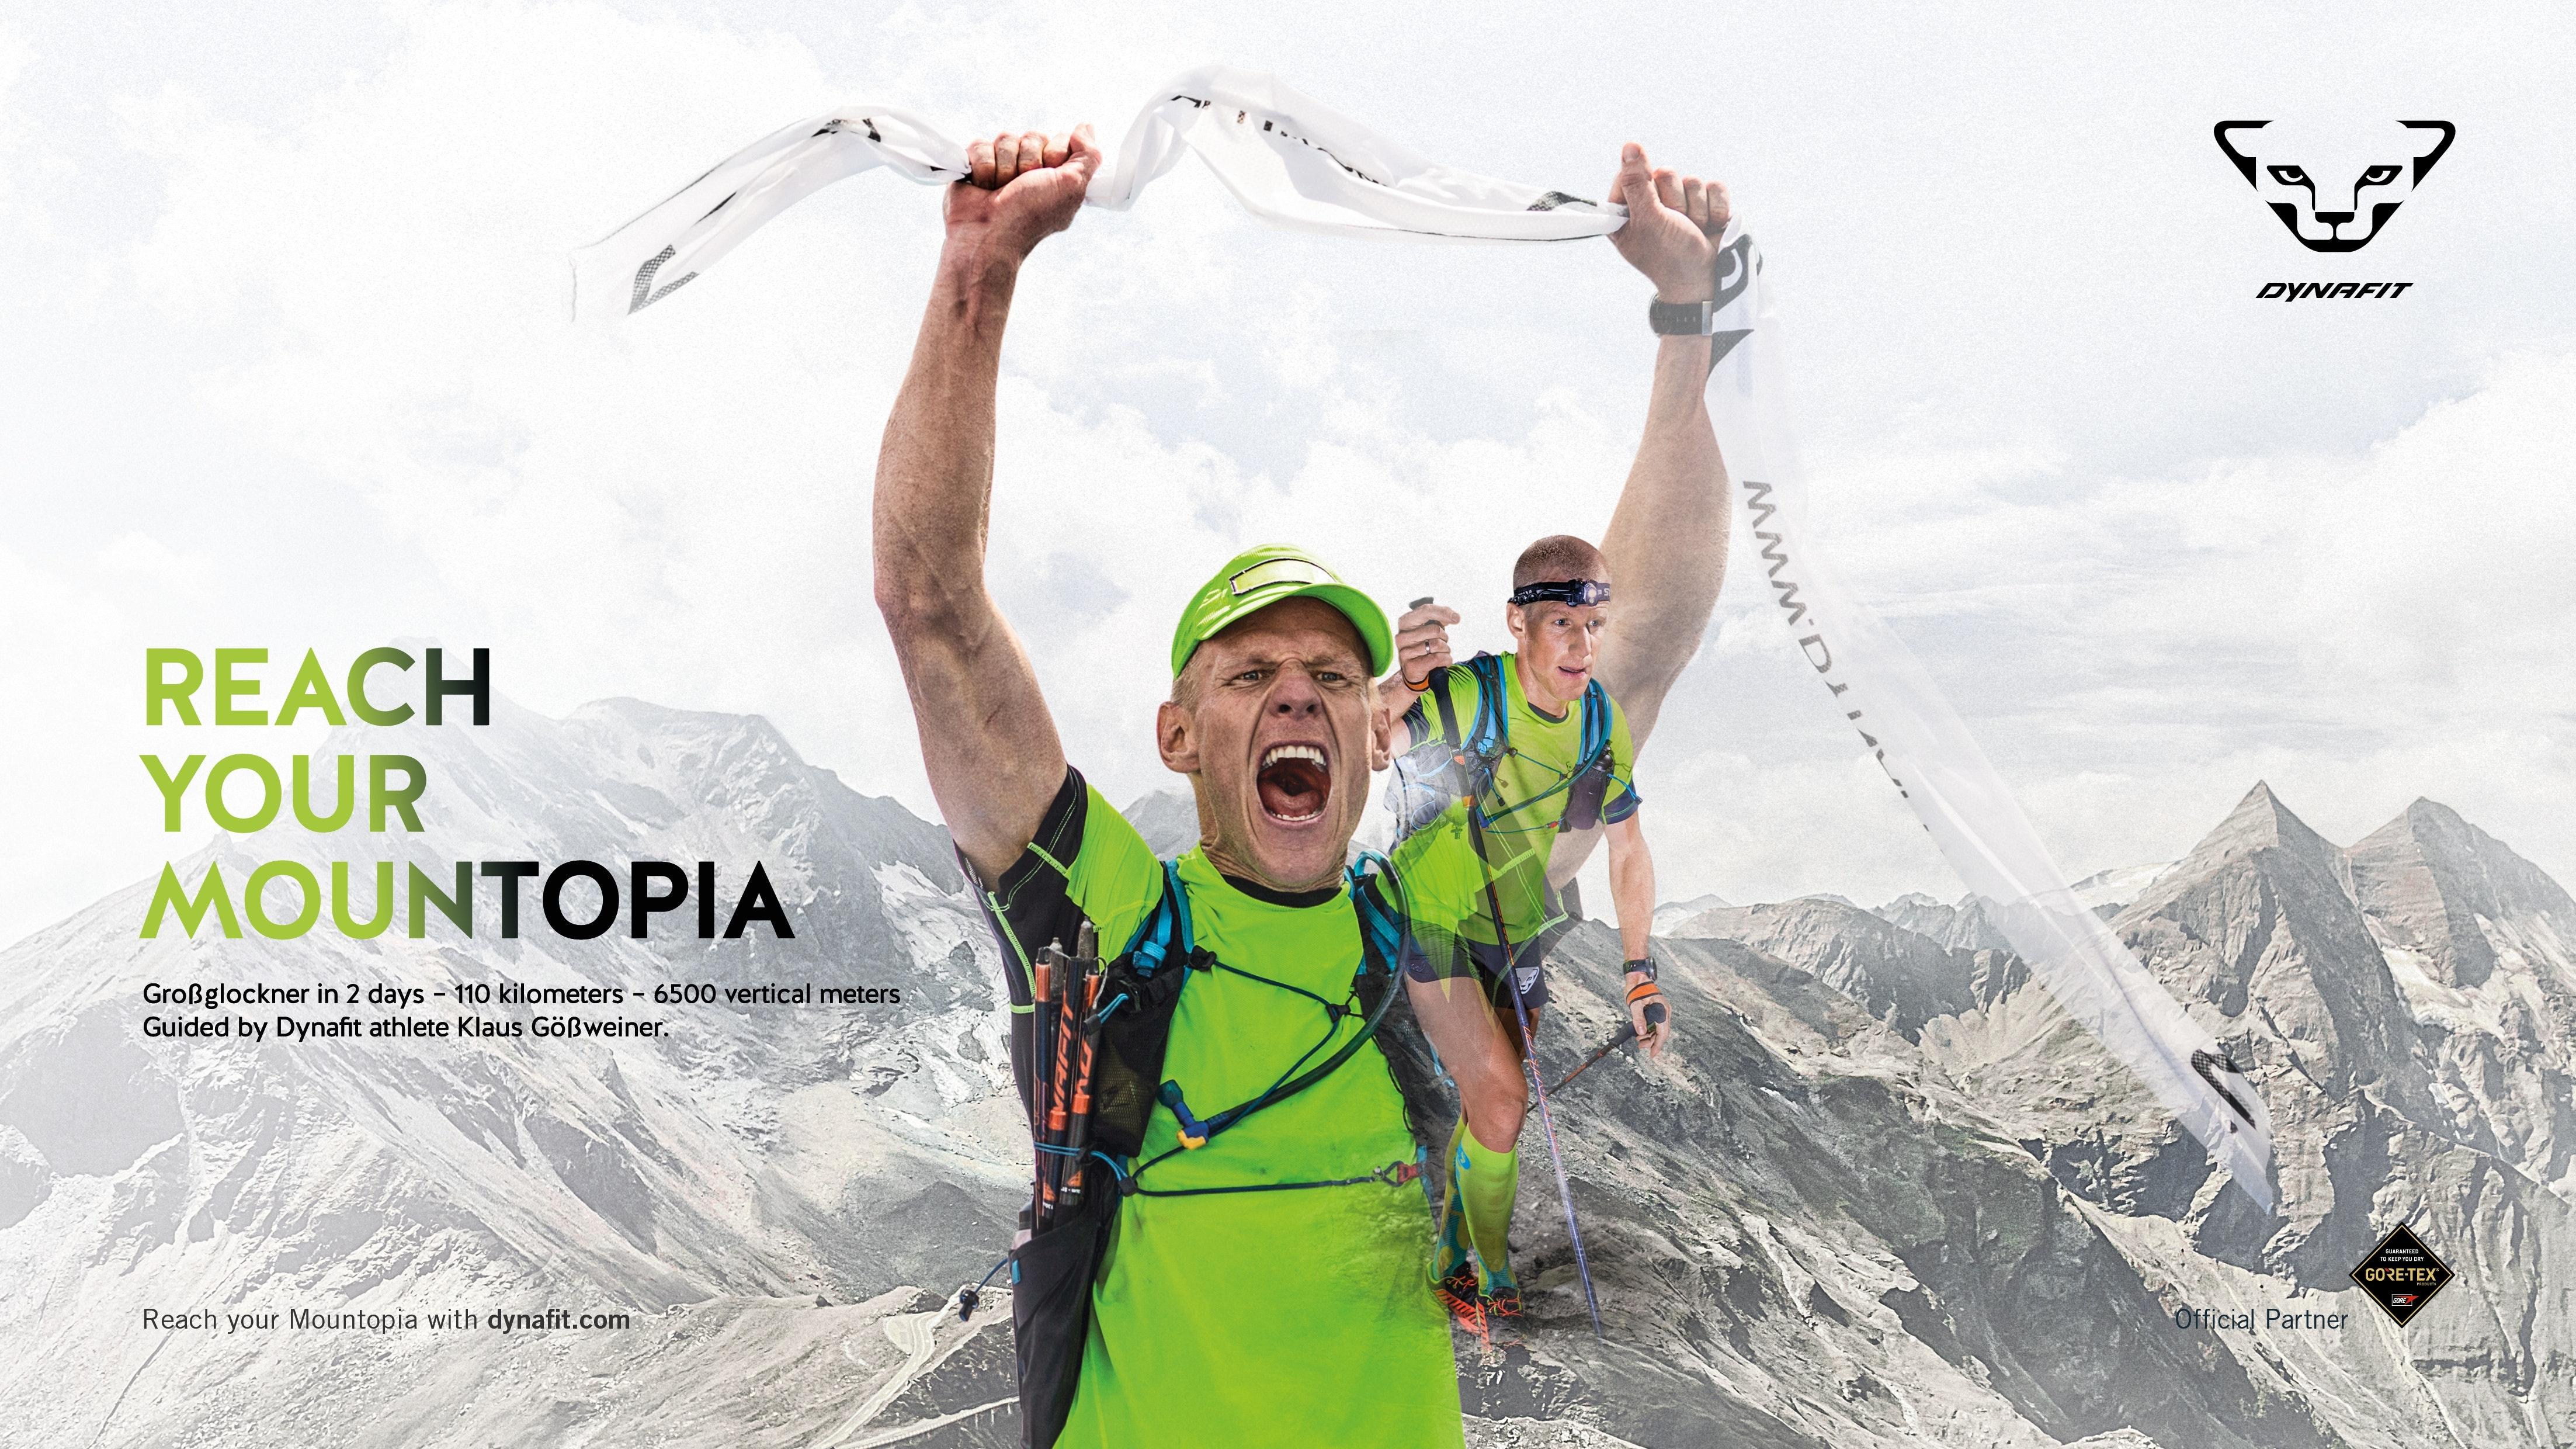 Mountopia Dynafit